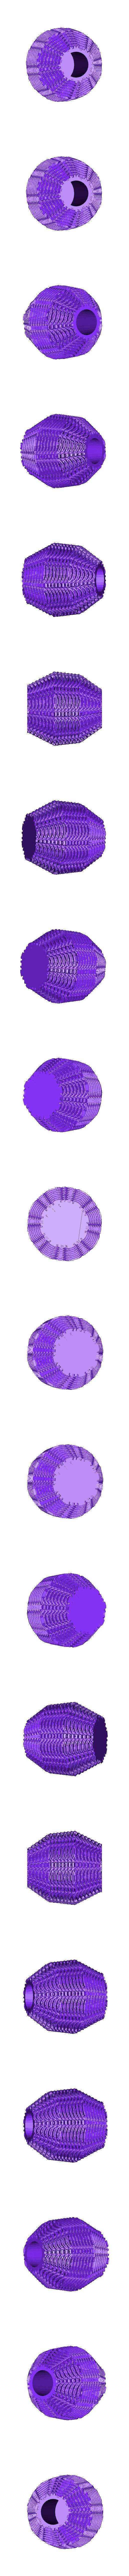 13.stl Télécharger fichier STL X86 Mini vase collection  • Objet imprimable en 3D, motek